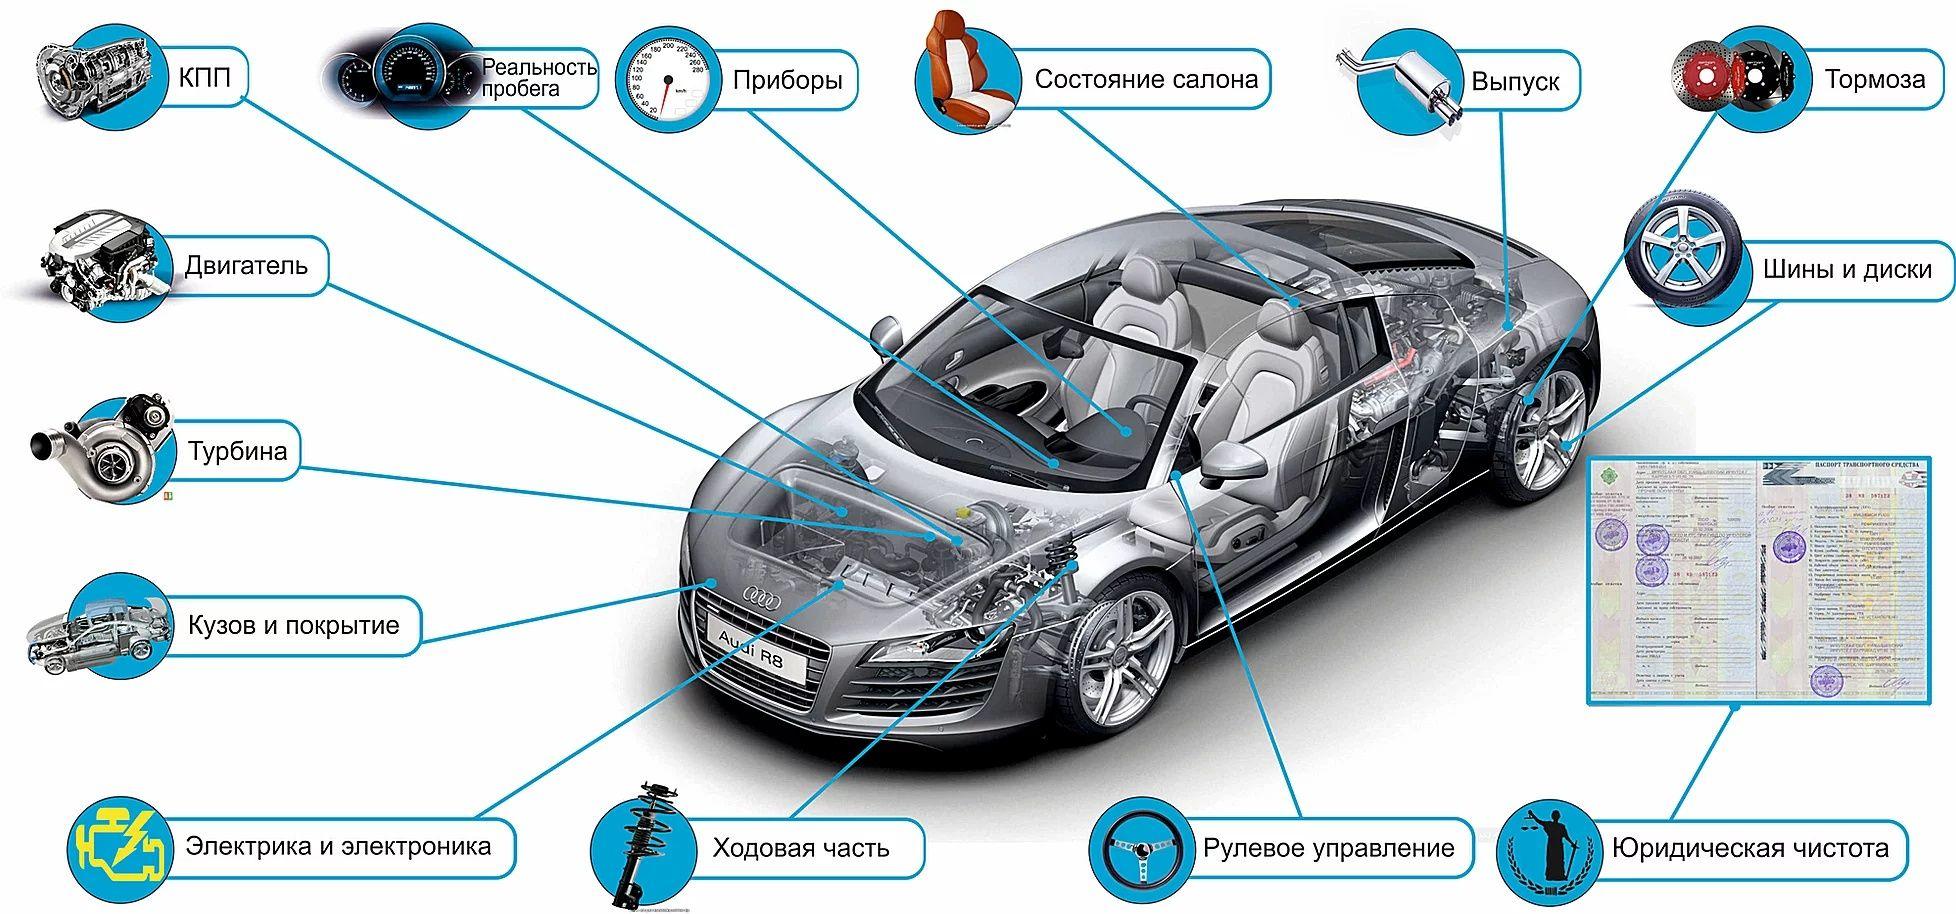 Автоелектрик, Комп'ютерна діагностика автомобіля , прошивка